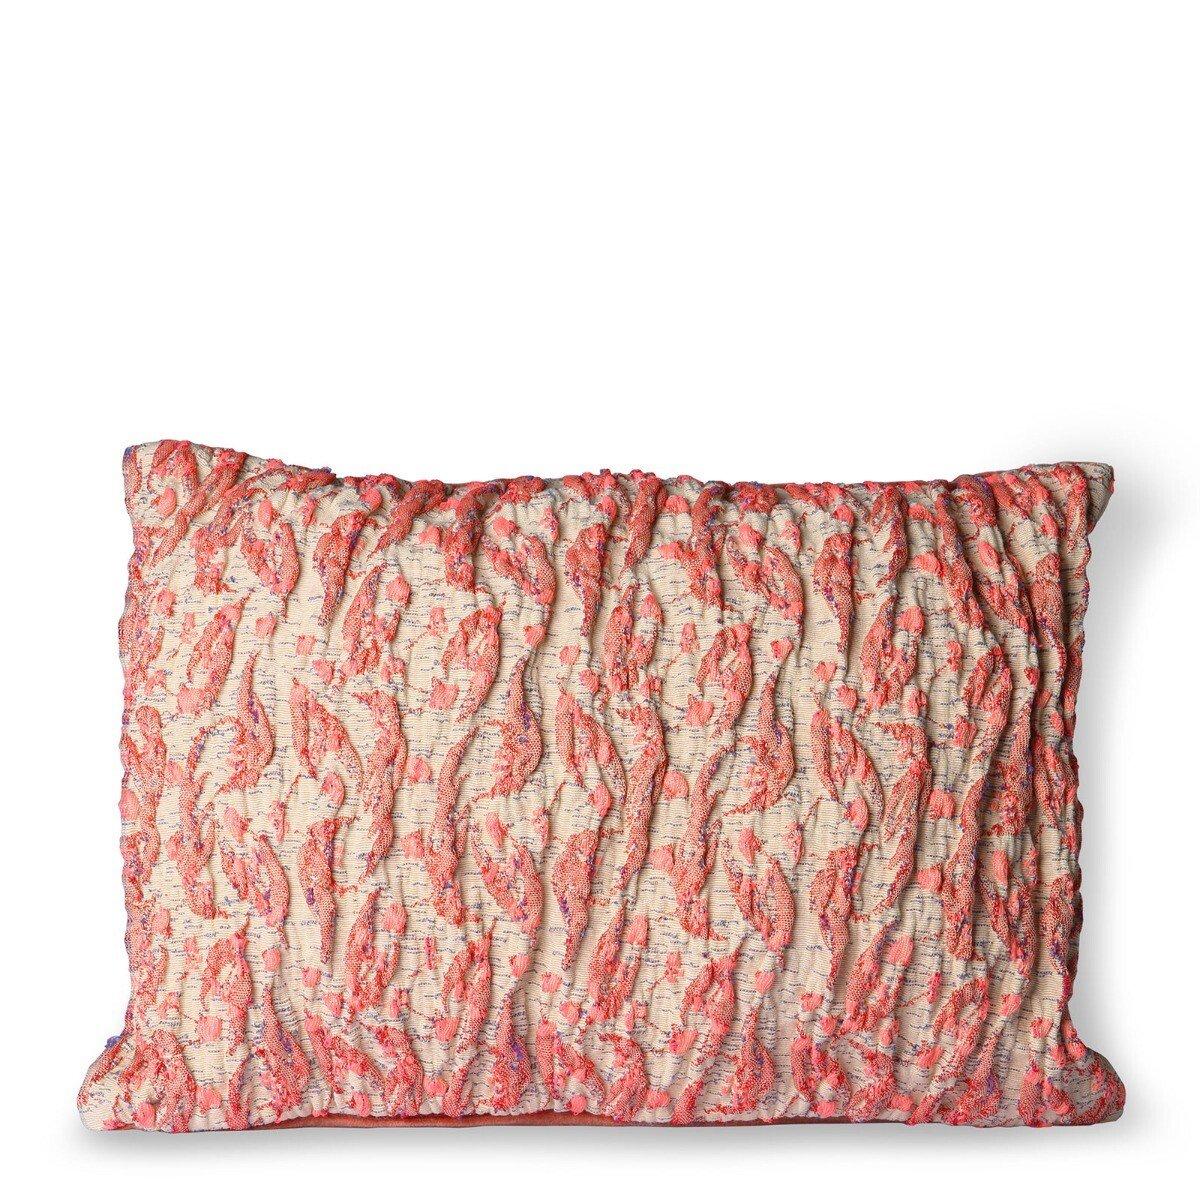 HKliving Kussen Floral Jacquard weave Rood Roze 30 x 40